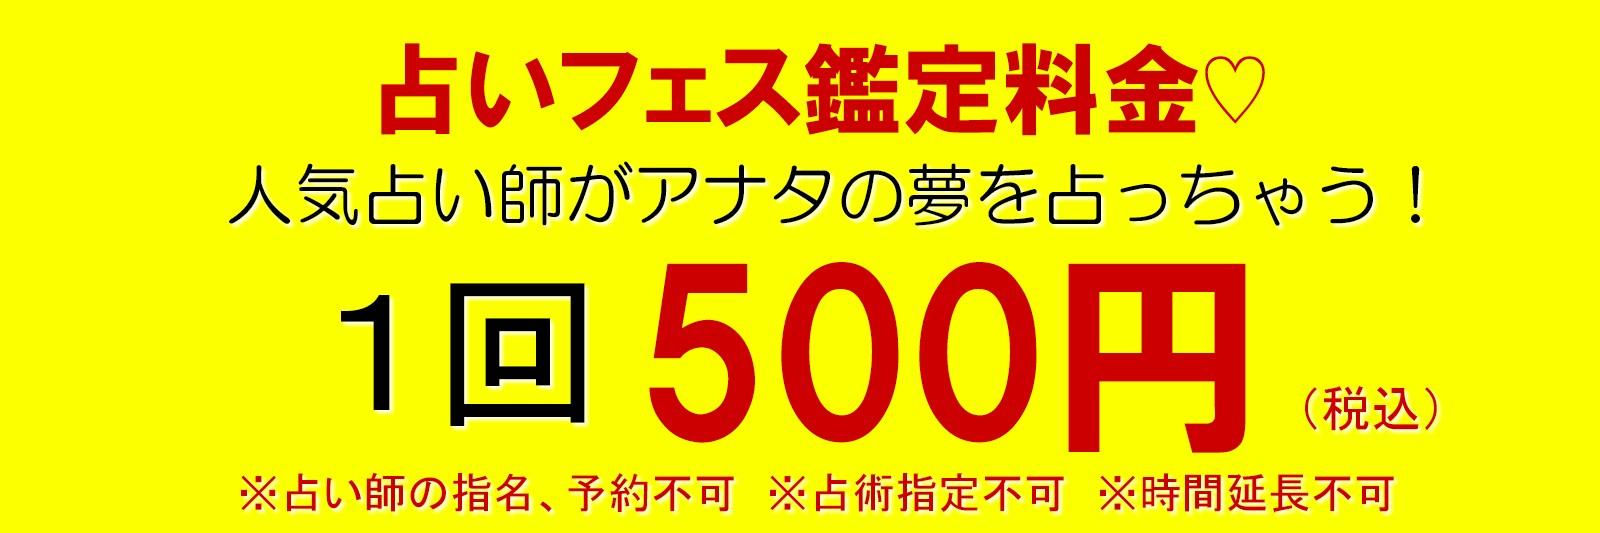 東京・表参道占いなら『占いフェス2017SUMMER』がオススメ!有名占い師・予約が取れない占い師の鑑定が1回500円と安心価格にて受けることが出来ます。